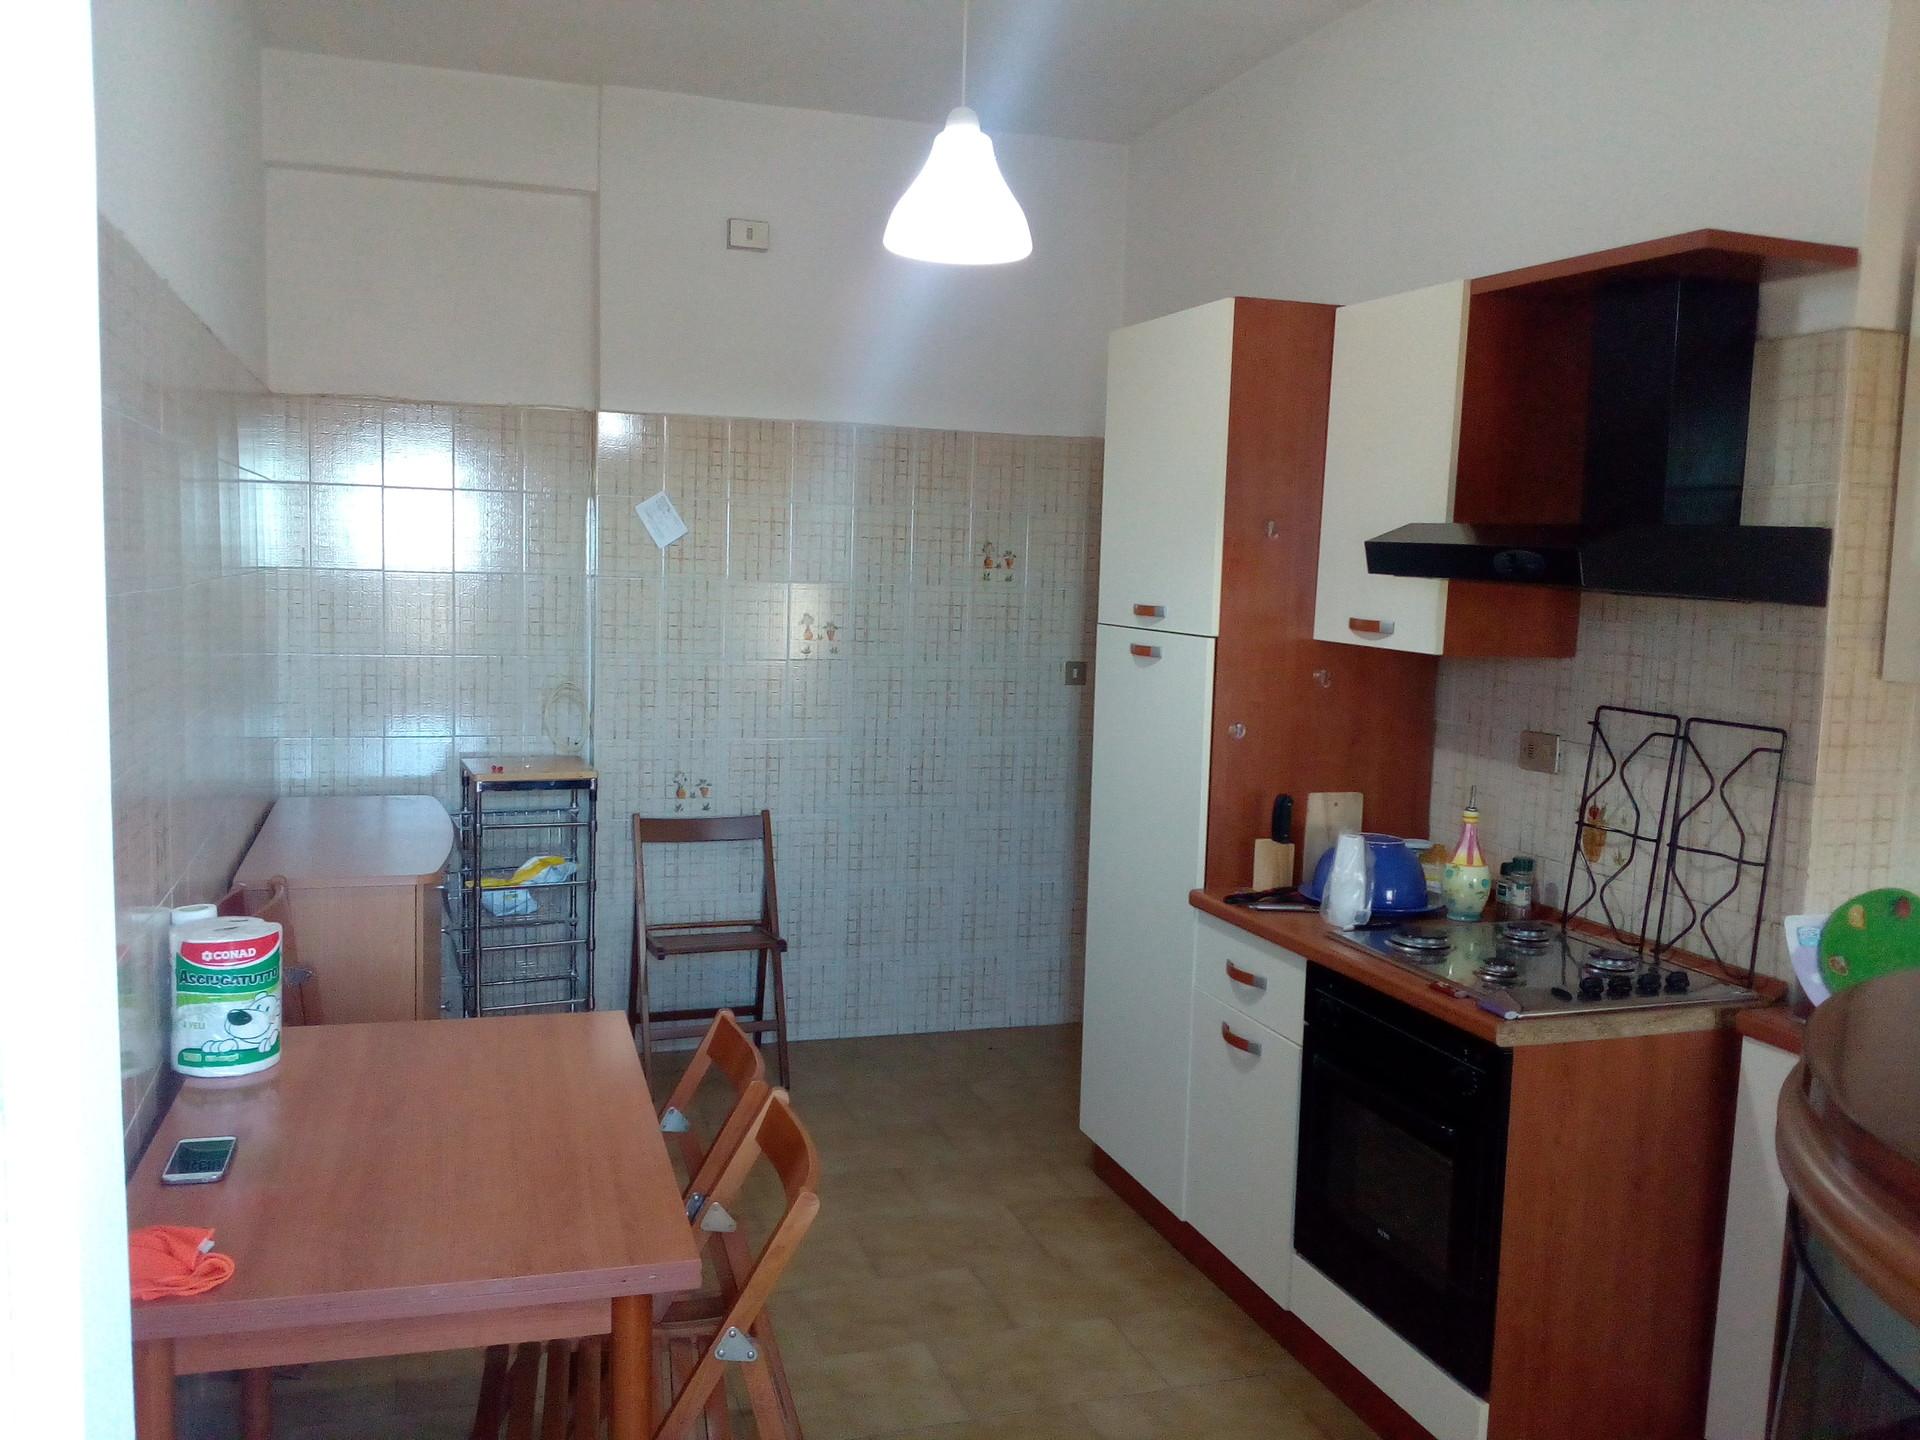 Appartamento luminoso di 95 mq. 4 letto cucina abitabile con ...